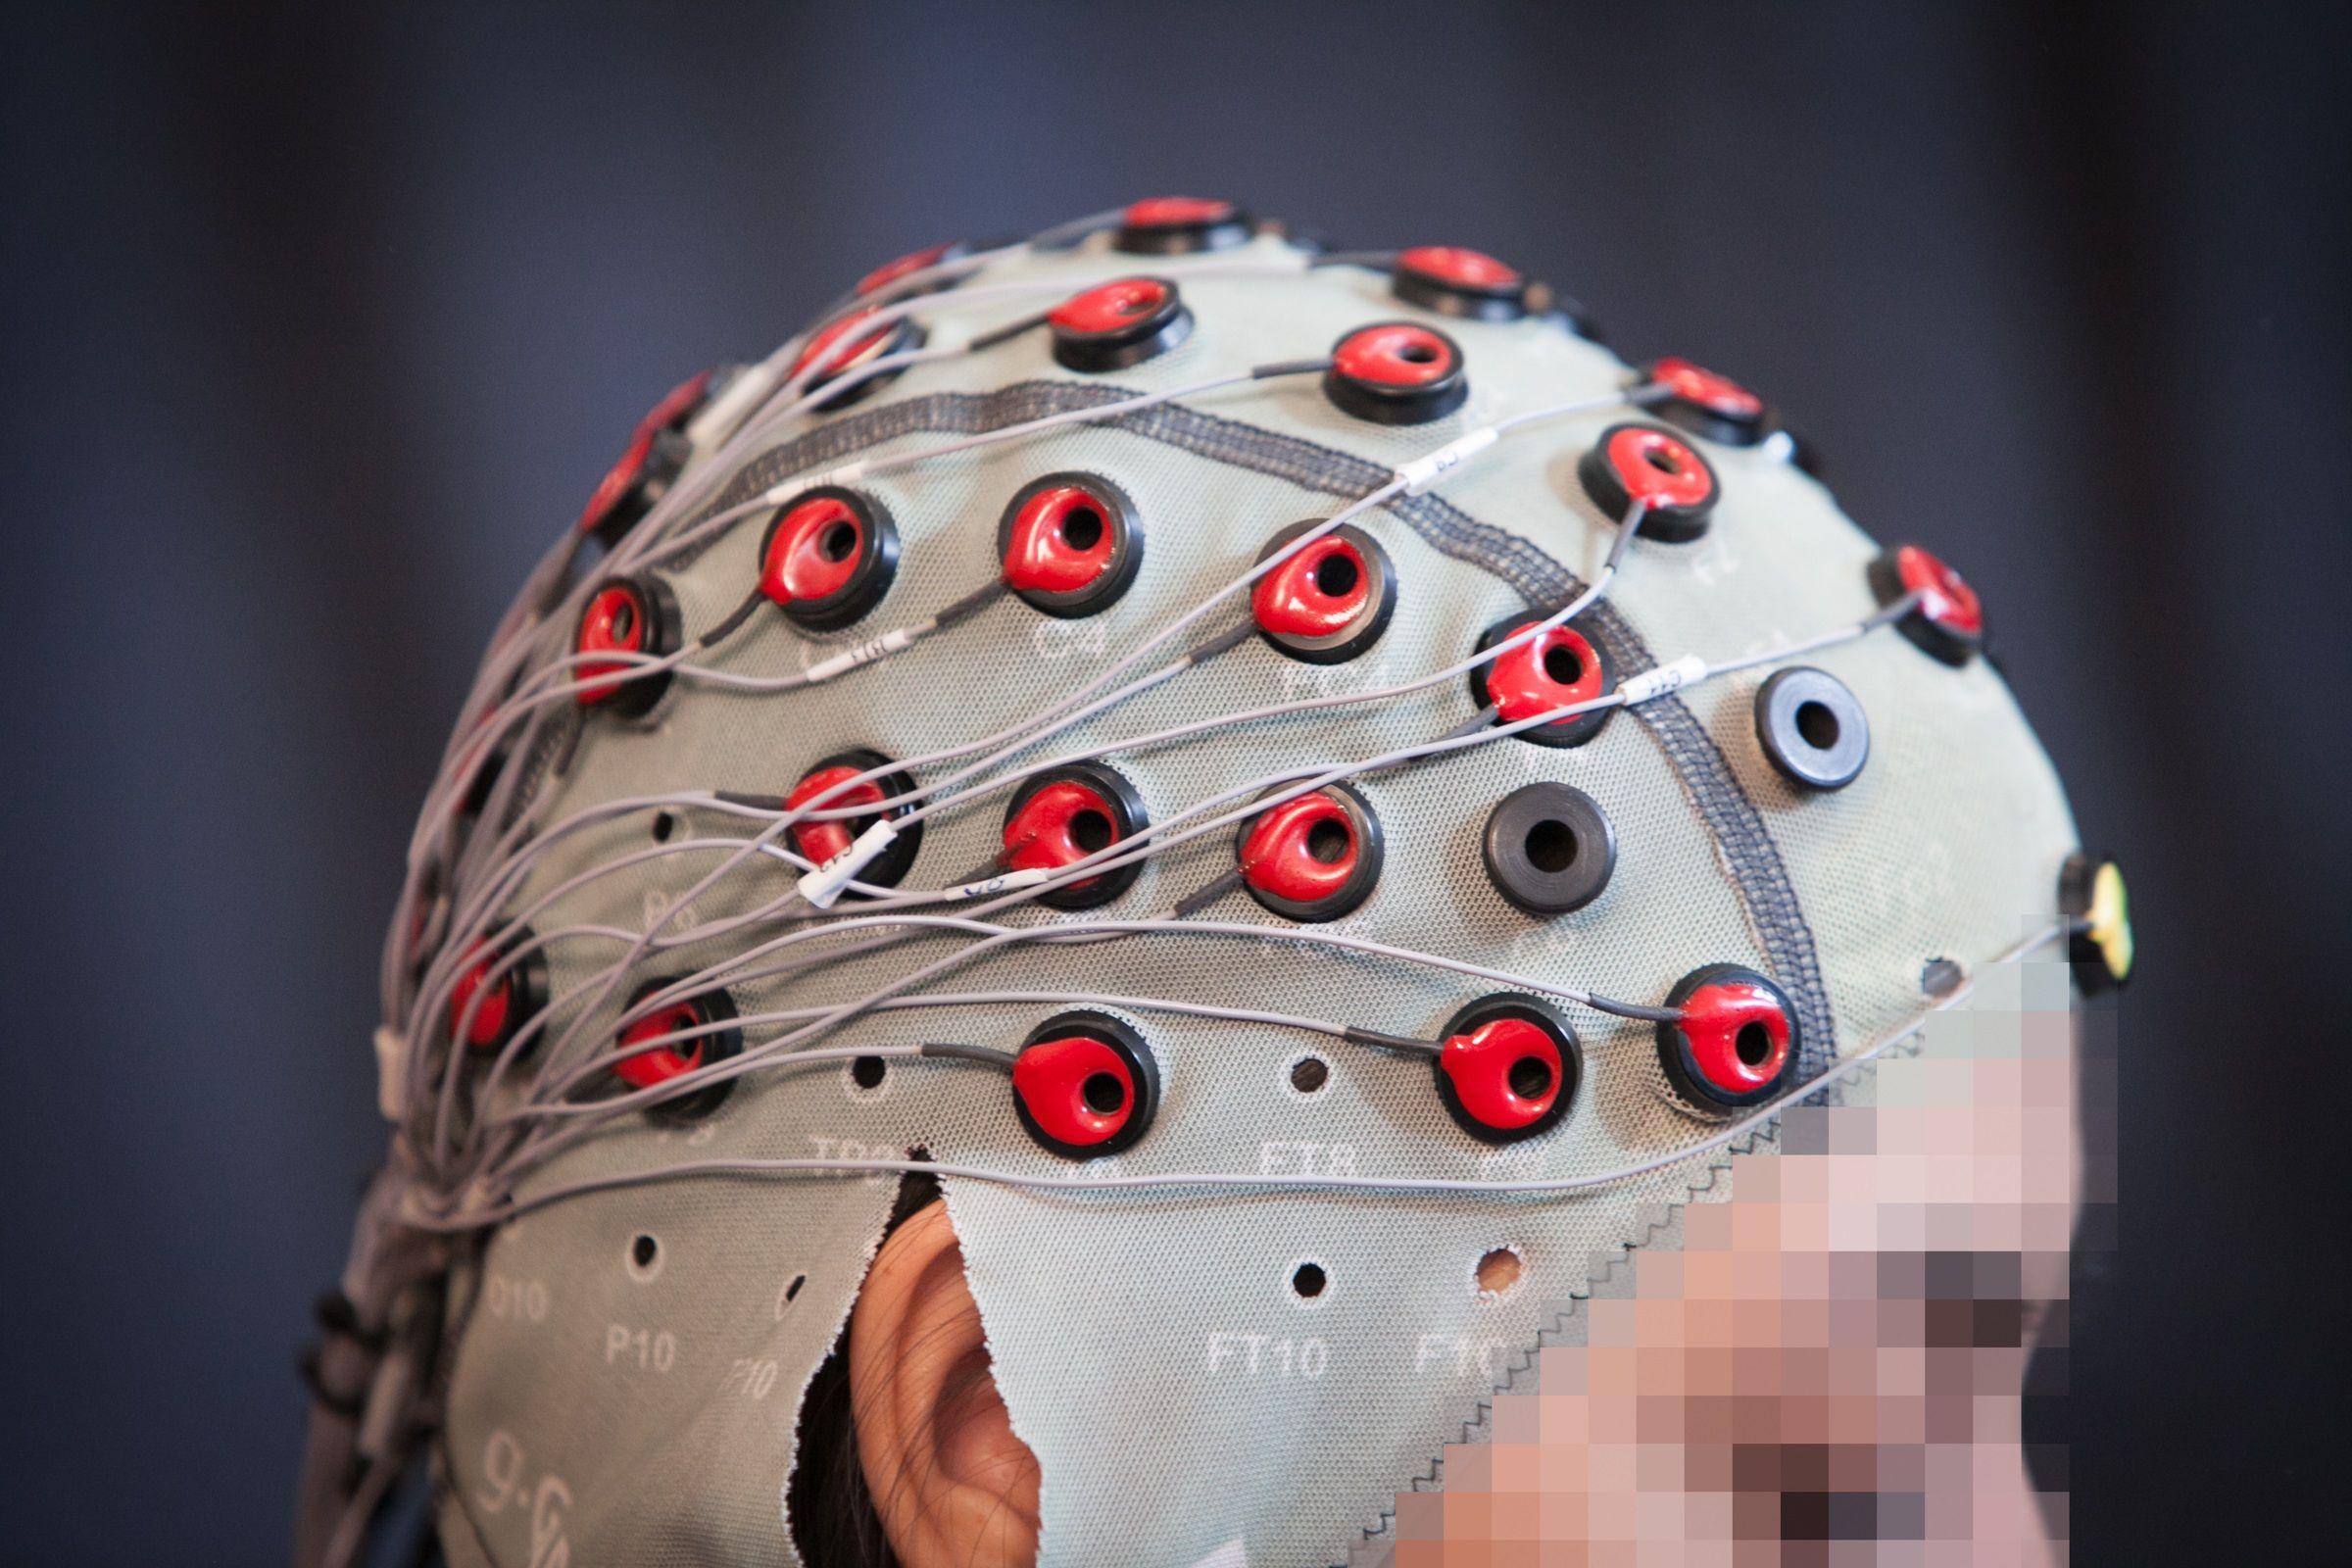 MIT robot brain mind control